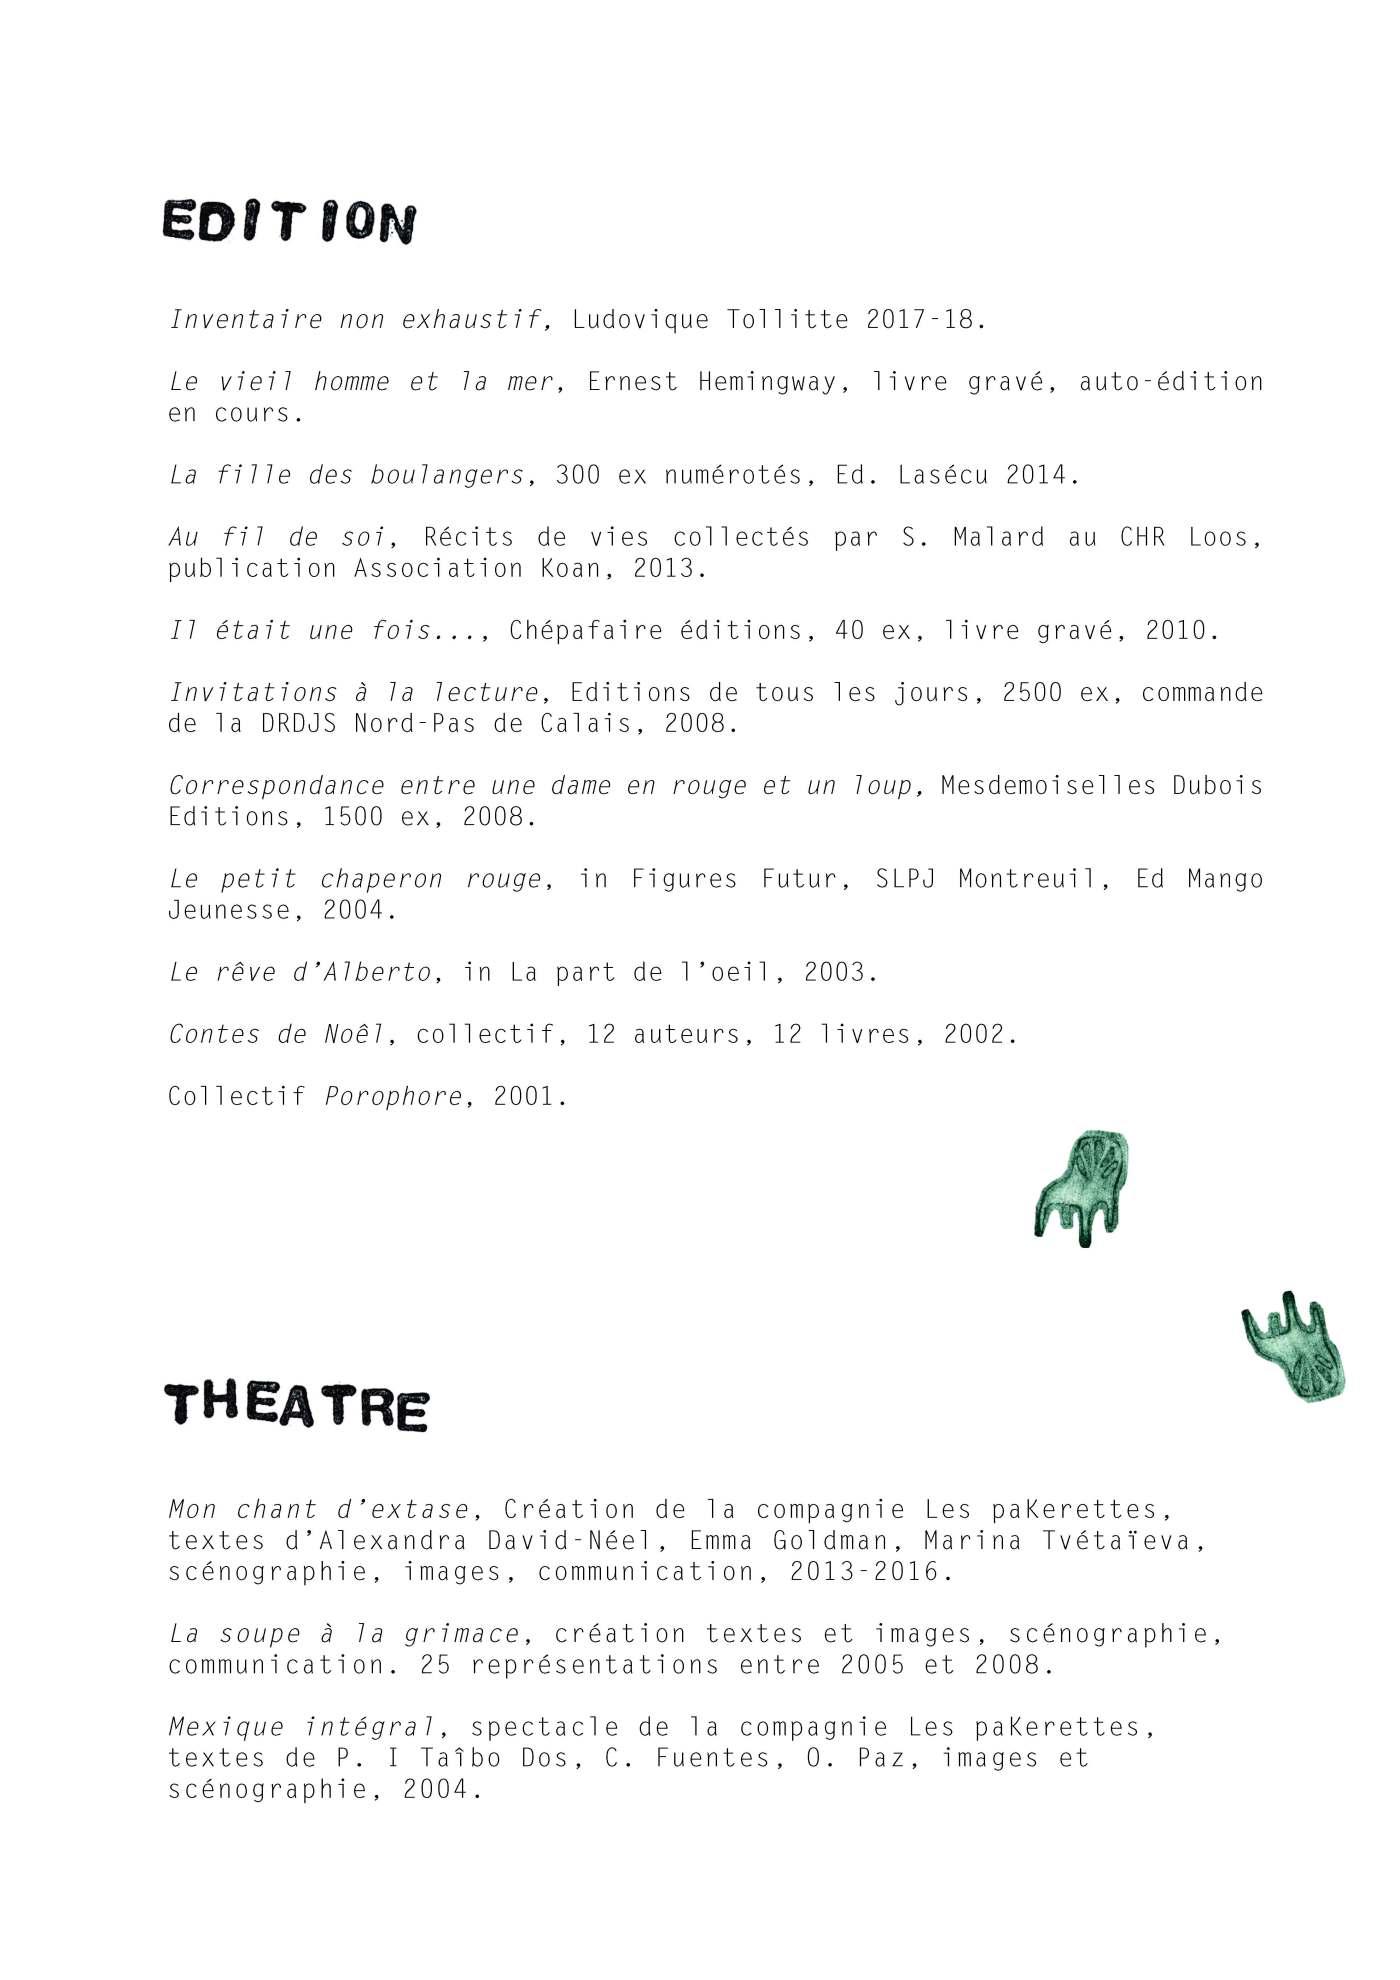 Bio et CV Ludovique Tollitte 2018_Page_3